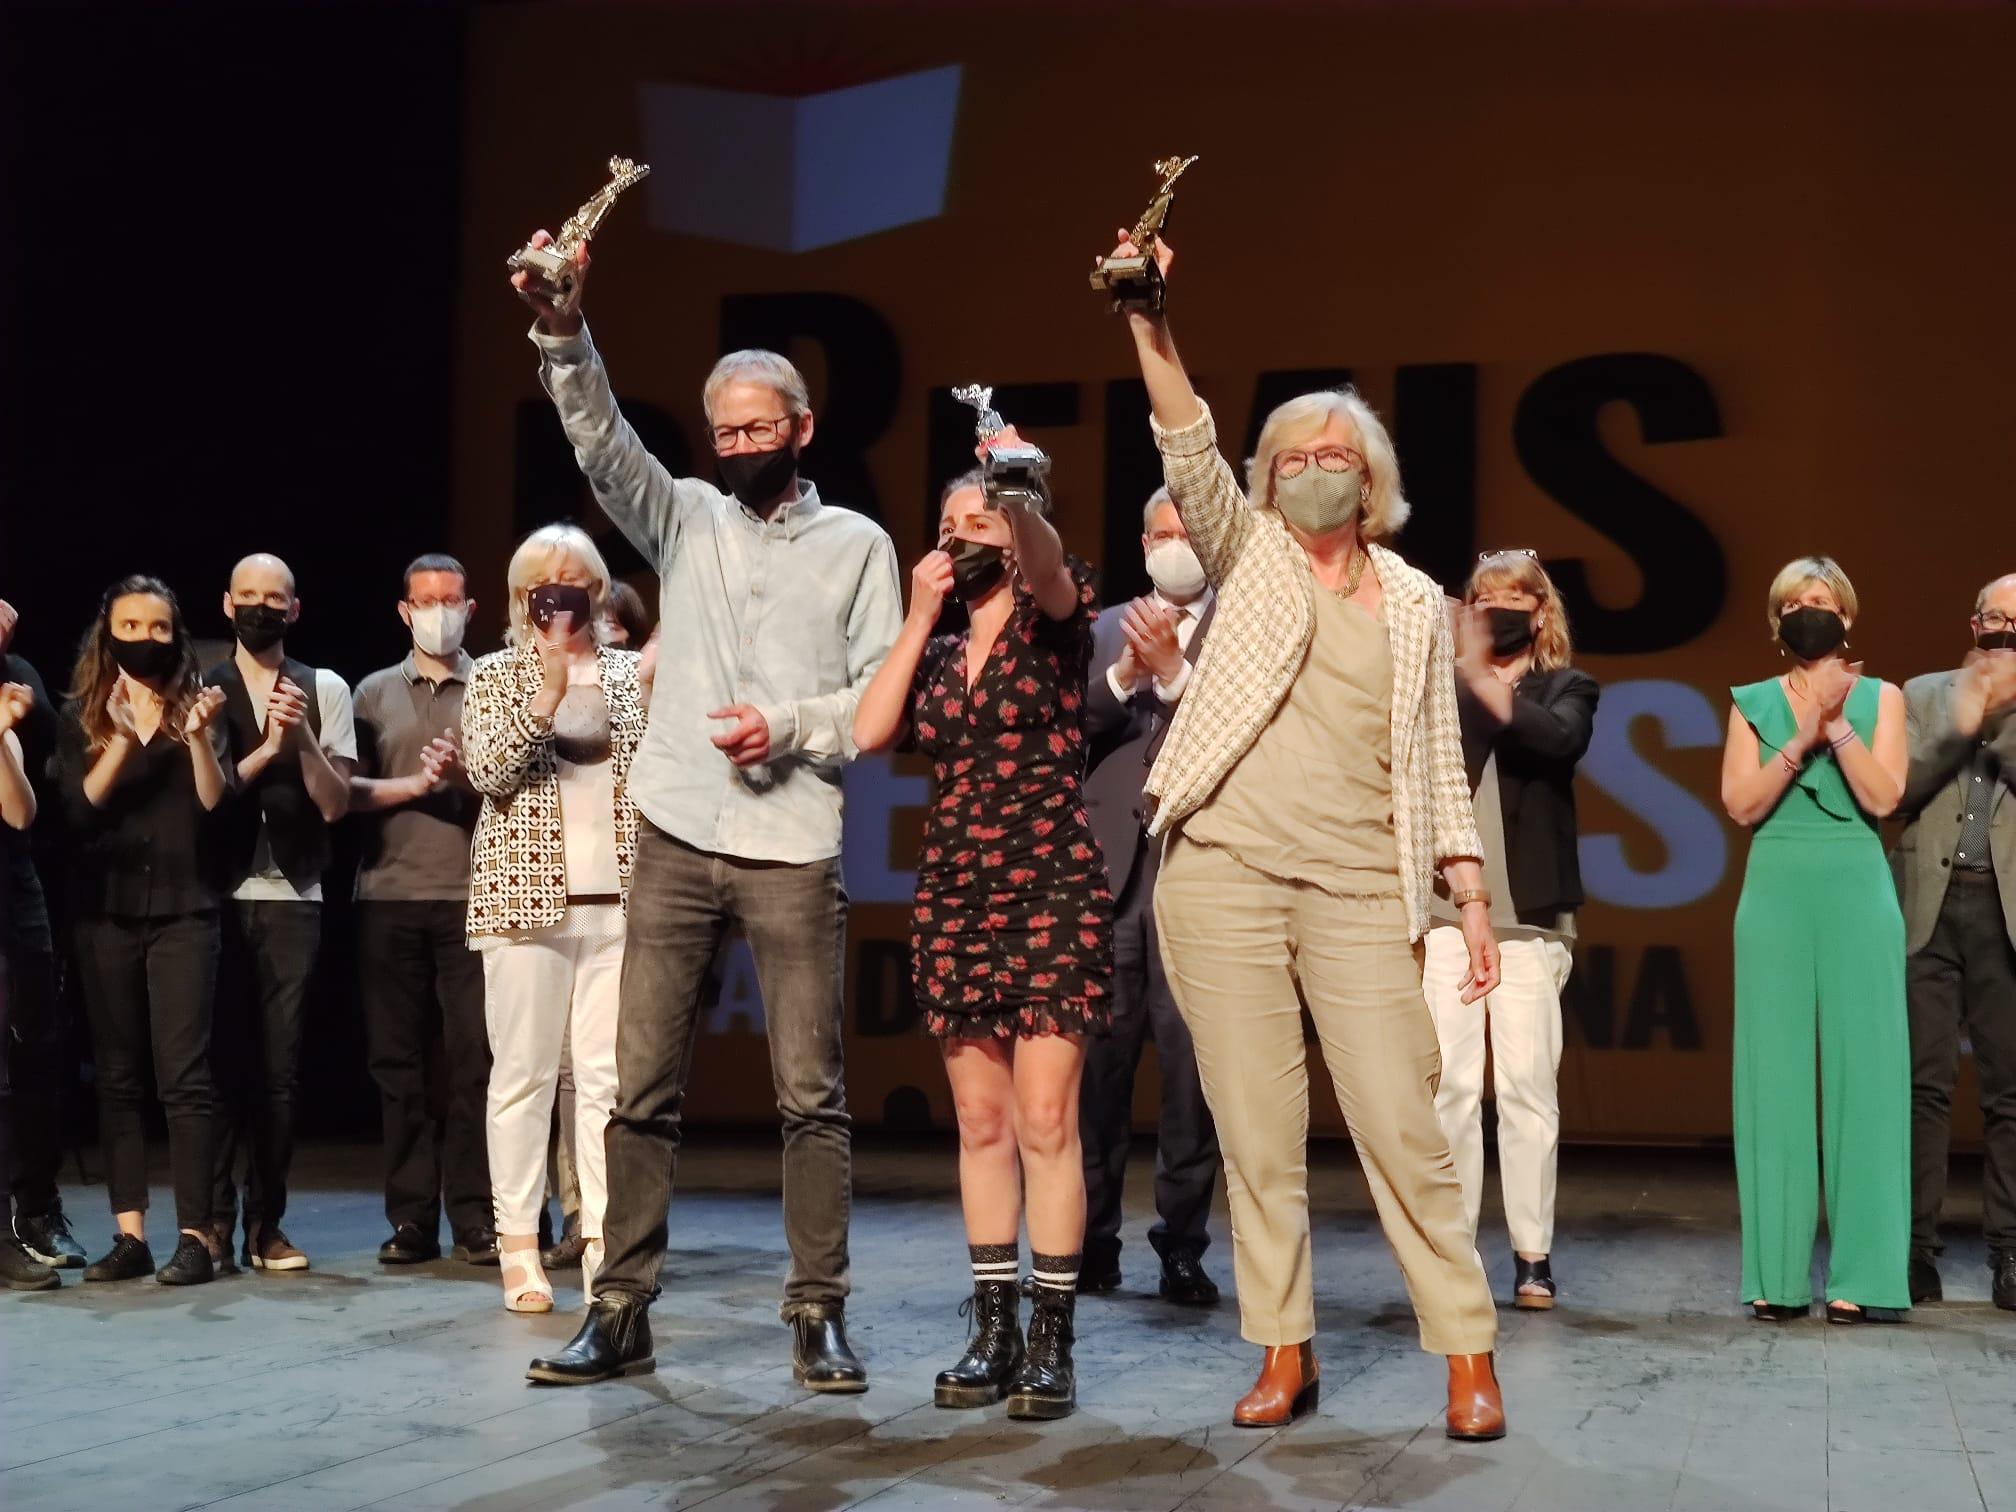 Guanyadors dels Premis Literaris Ciutat de Tarragona 2020-2021